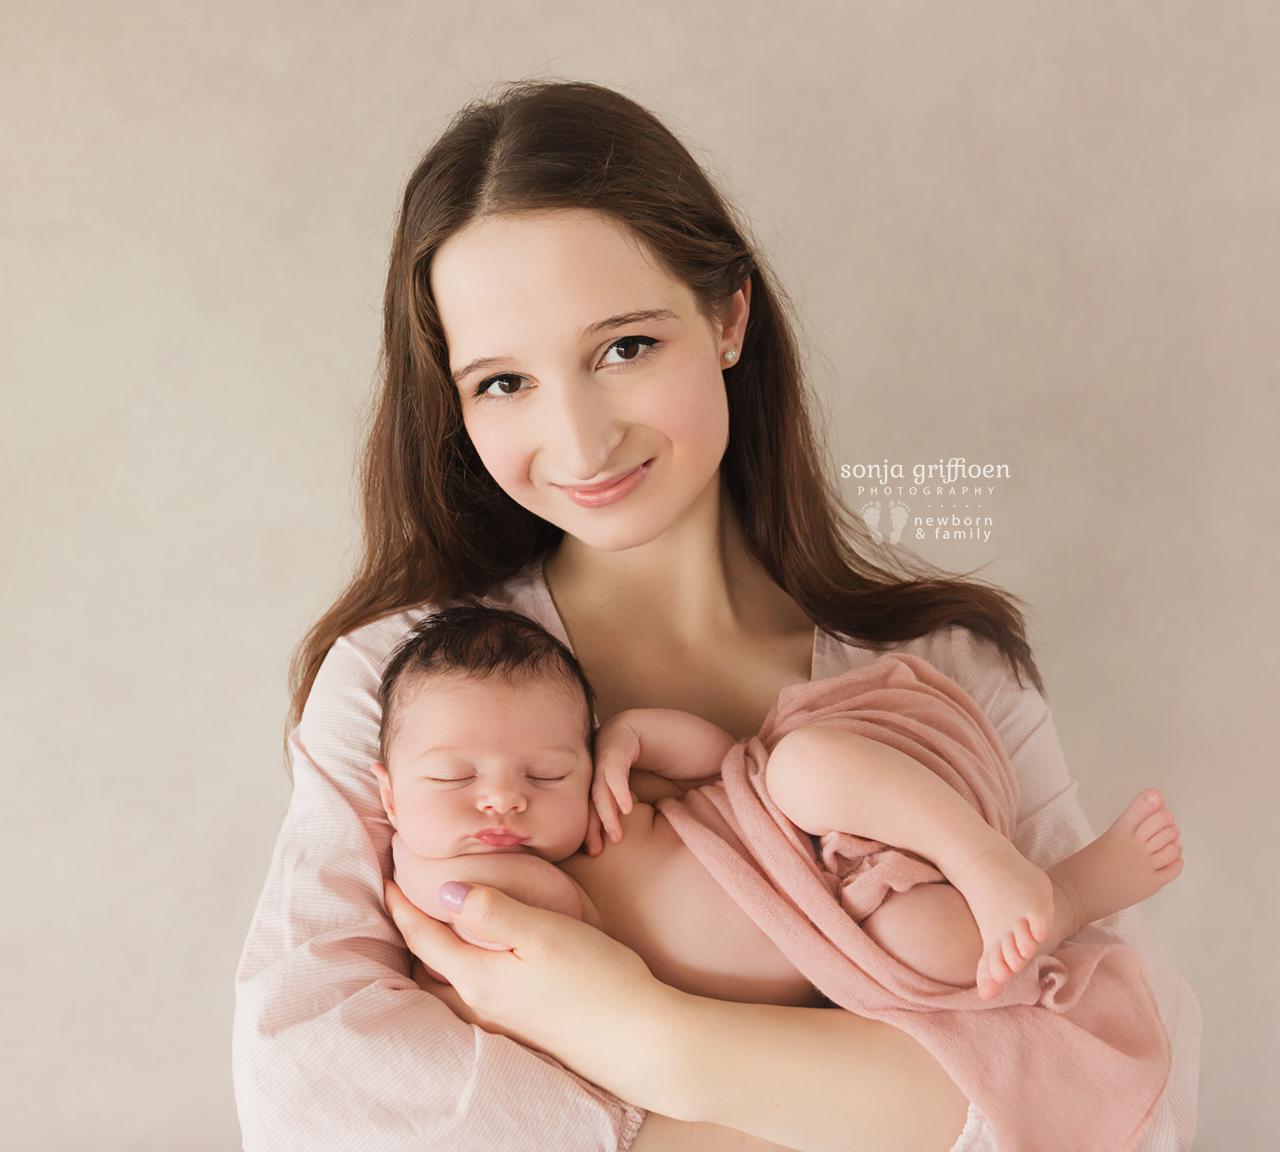 Annabella-Newborn-Brisbane-Newborn-Photographer-Sonja-Griffioen-13.jpg